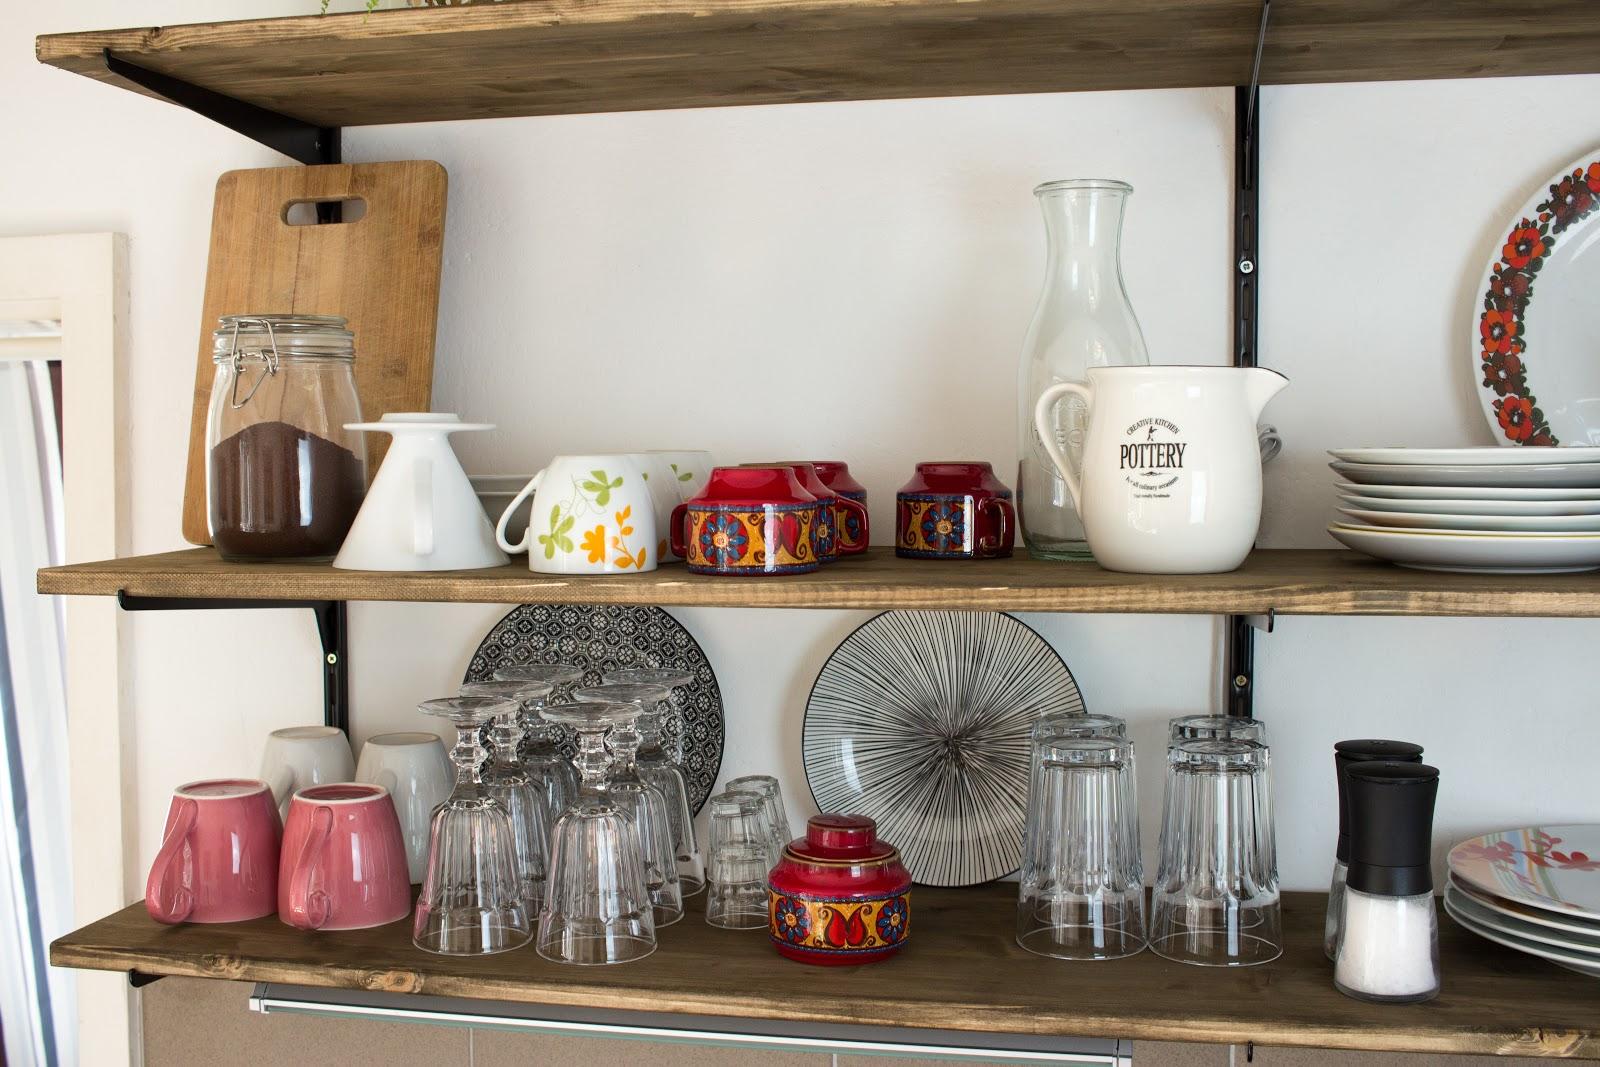 Full Size of Gebrauchte Küche Kaufen Betonoptik Deckenlampe Türkis Led Beleuchtung Pino Fliesenspiegel Glas Moderne Landhausküche Einhebelmischer Holzbrett Wohnzimmer Küche Diy